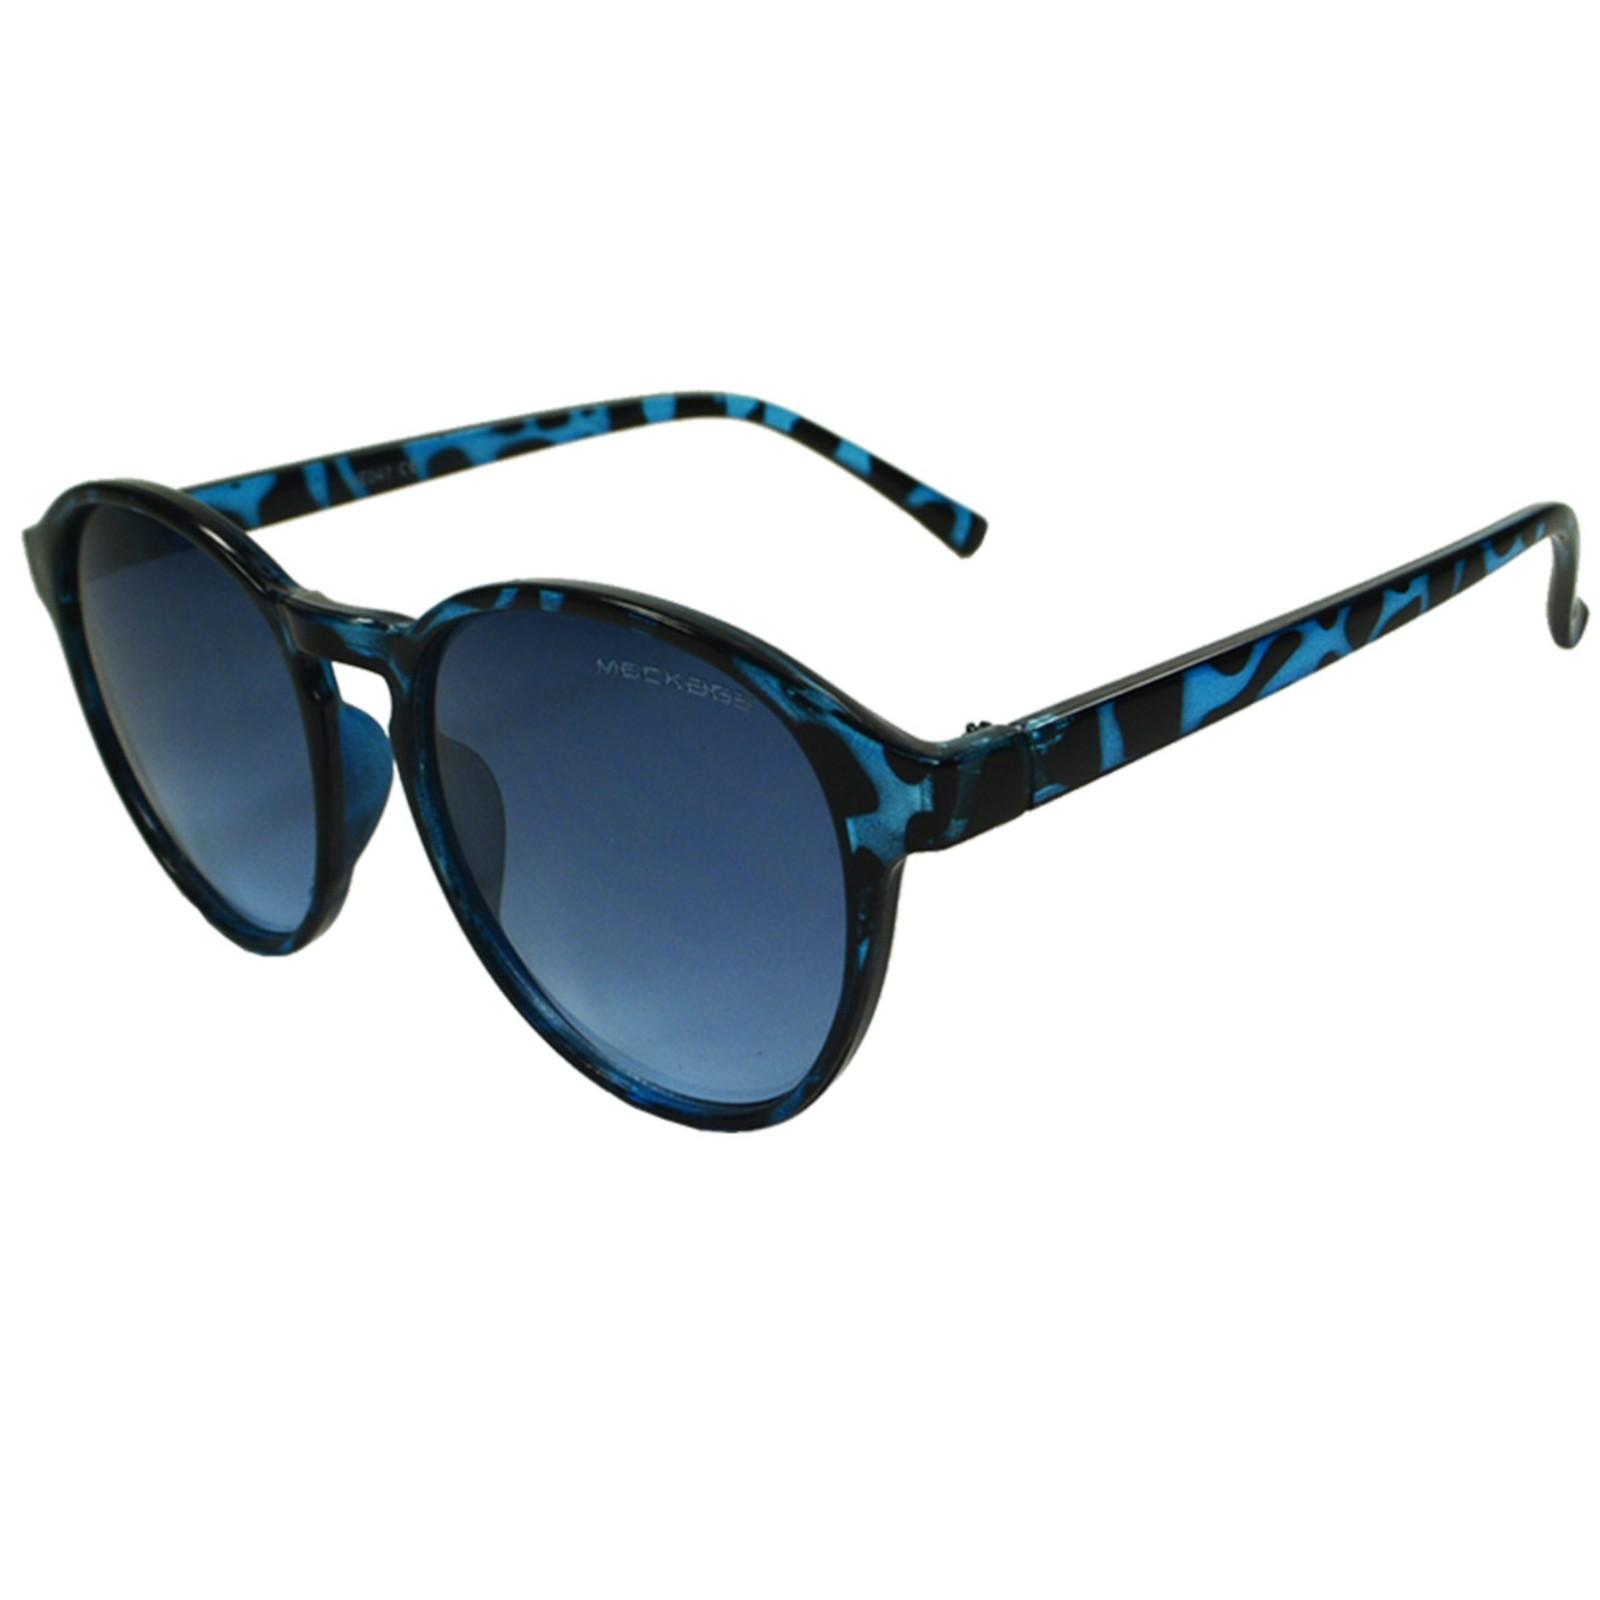 Óculos de Sol Mackage Unissex Acetato Redondo - Azul tarta